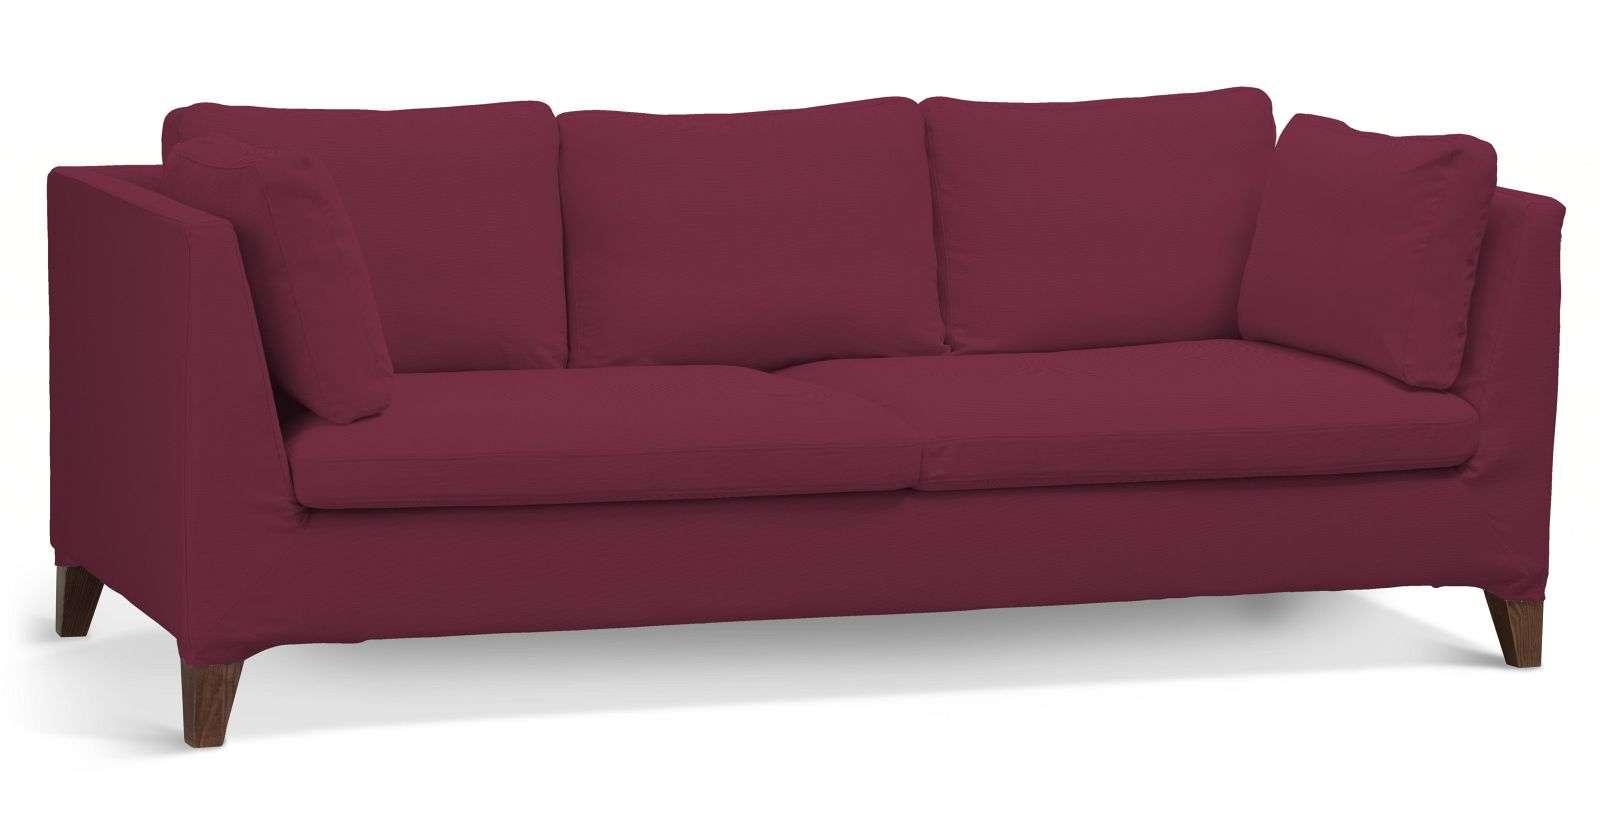 Pokrowiec na sofę Stockholm 3-osobową sofa Stockholm 3-osobowa w kolekcji Cotton Panama, tkanina: 702-32